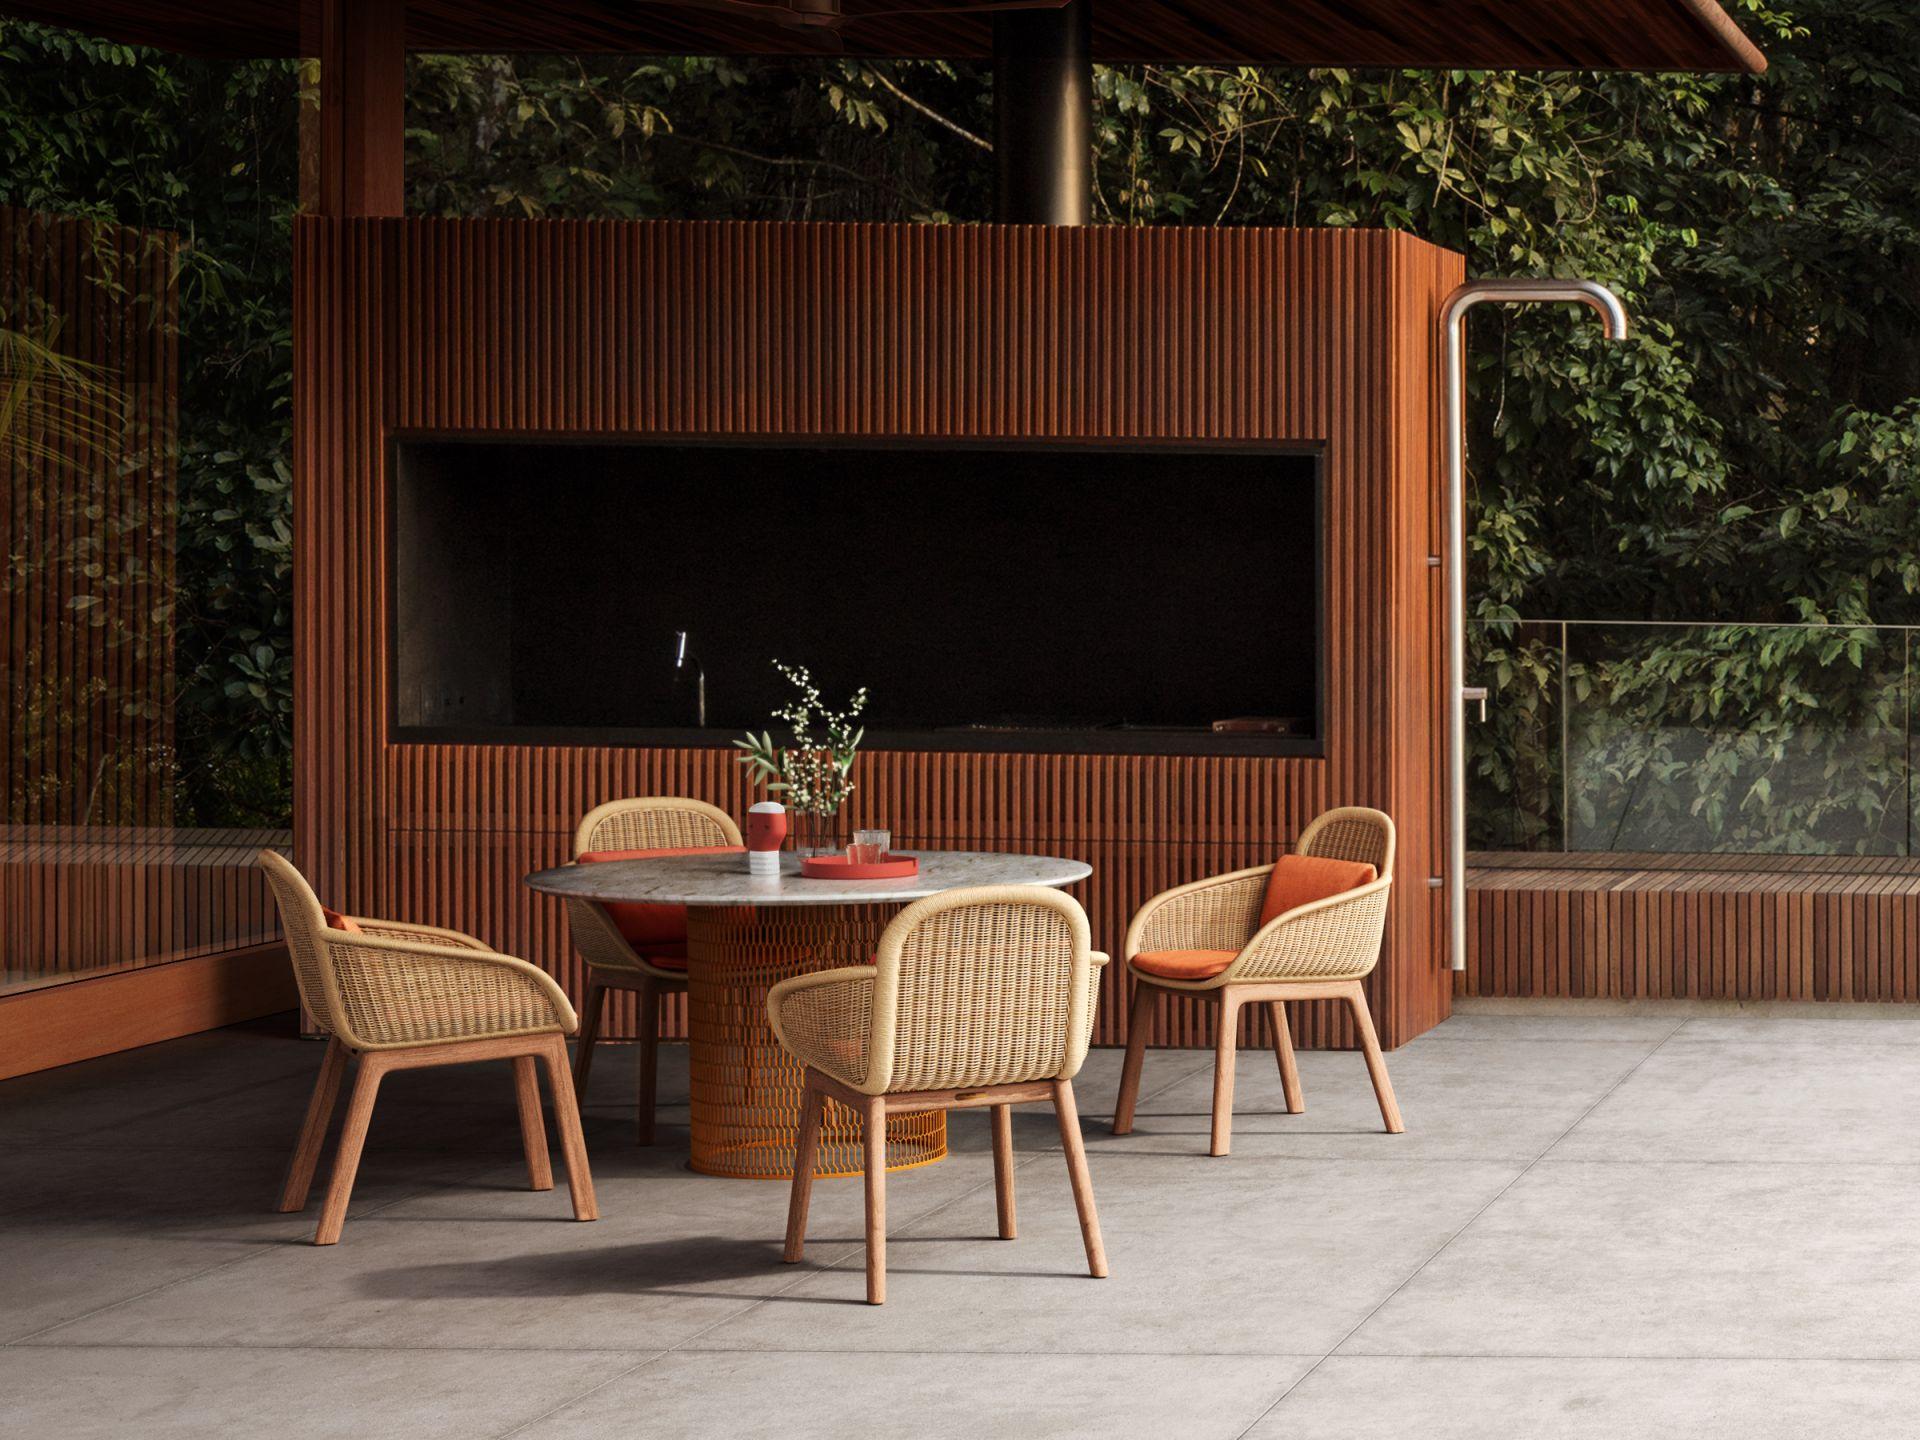 Vimini Dining Chair Studio Italia